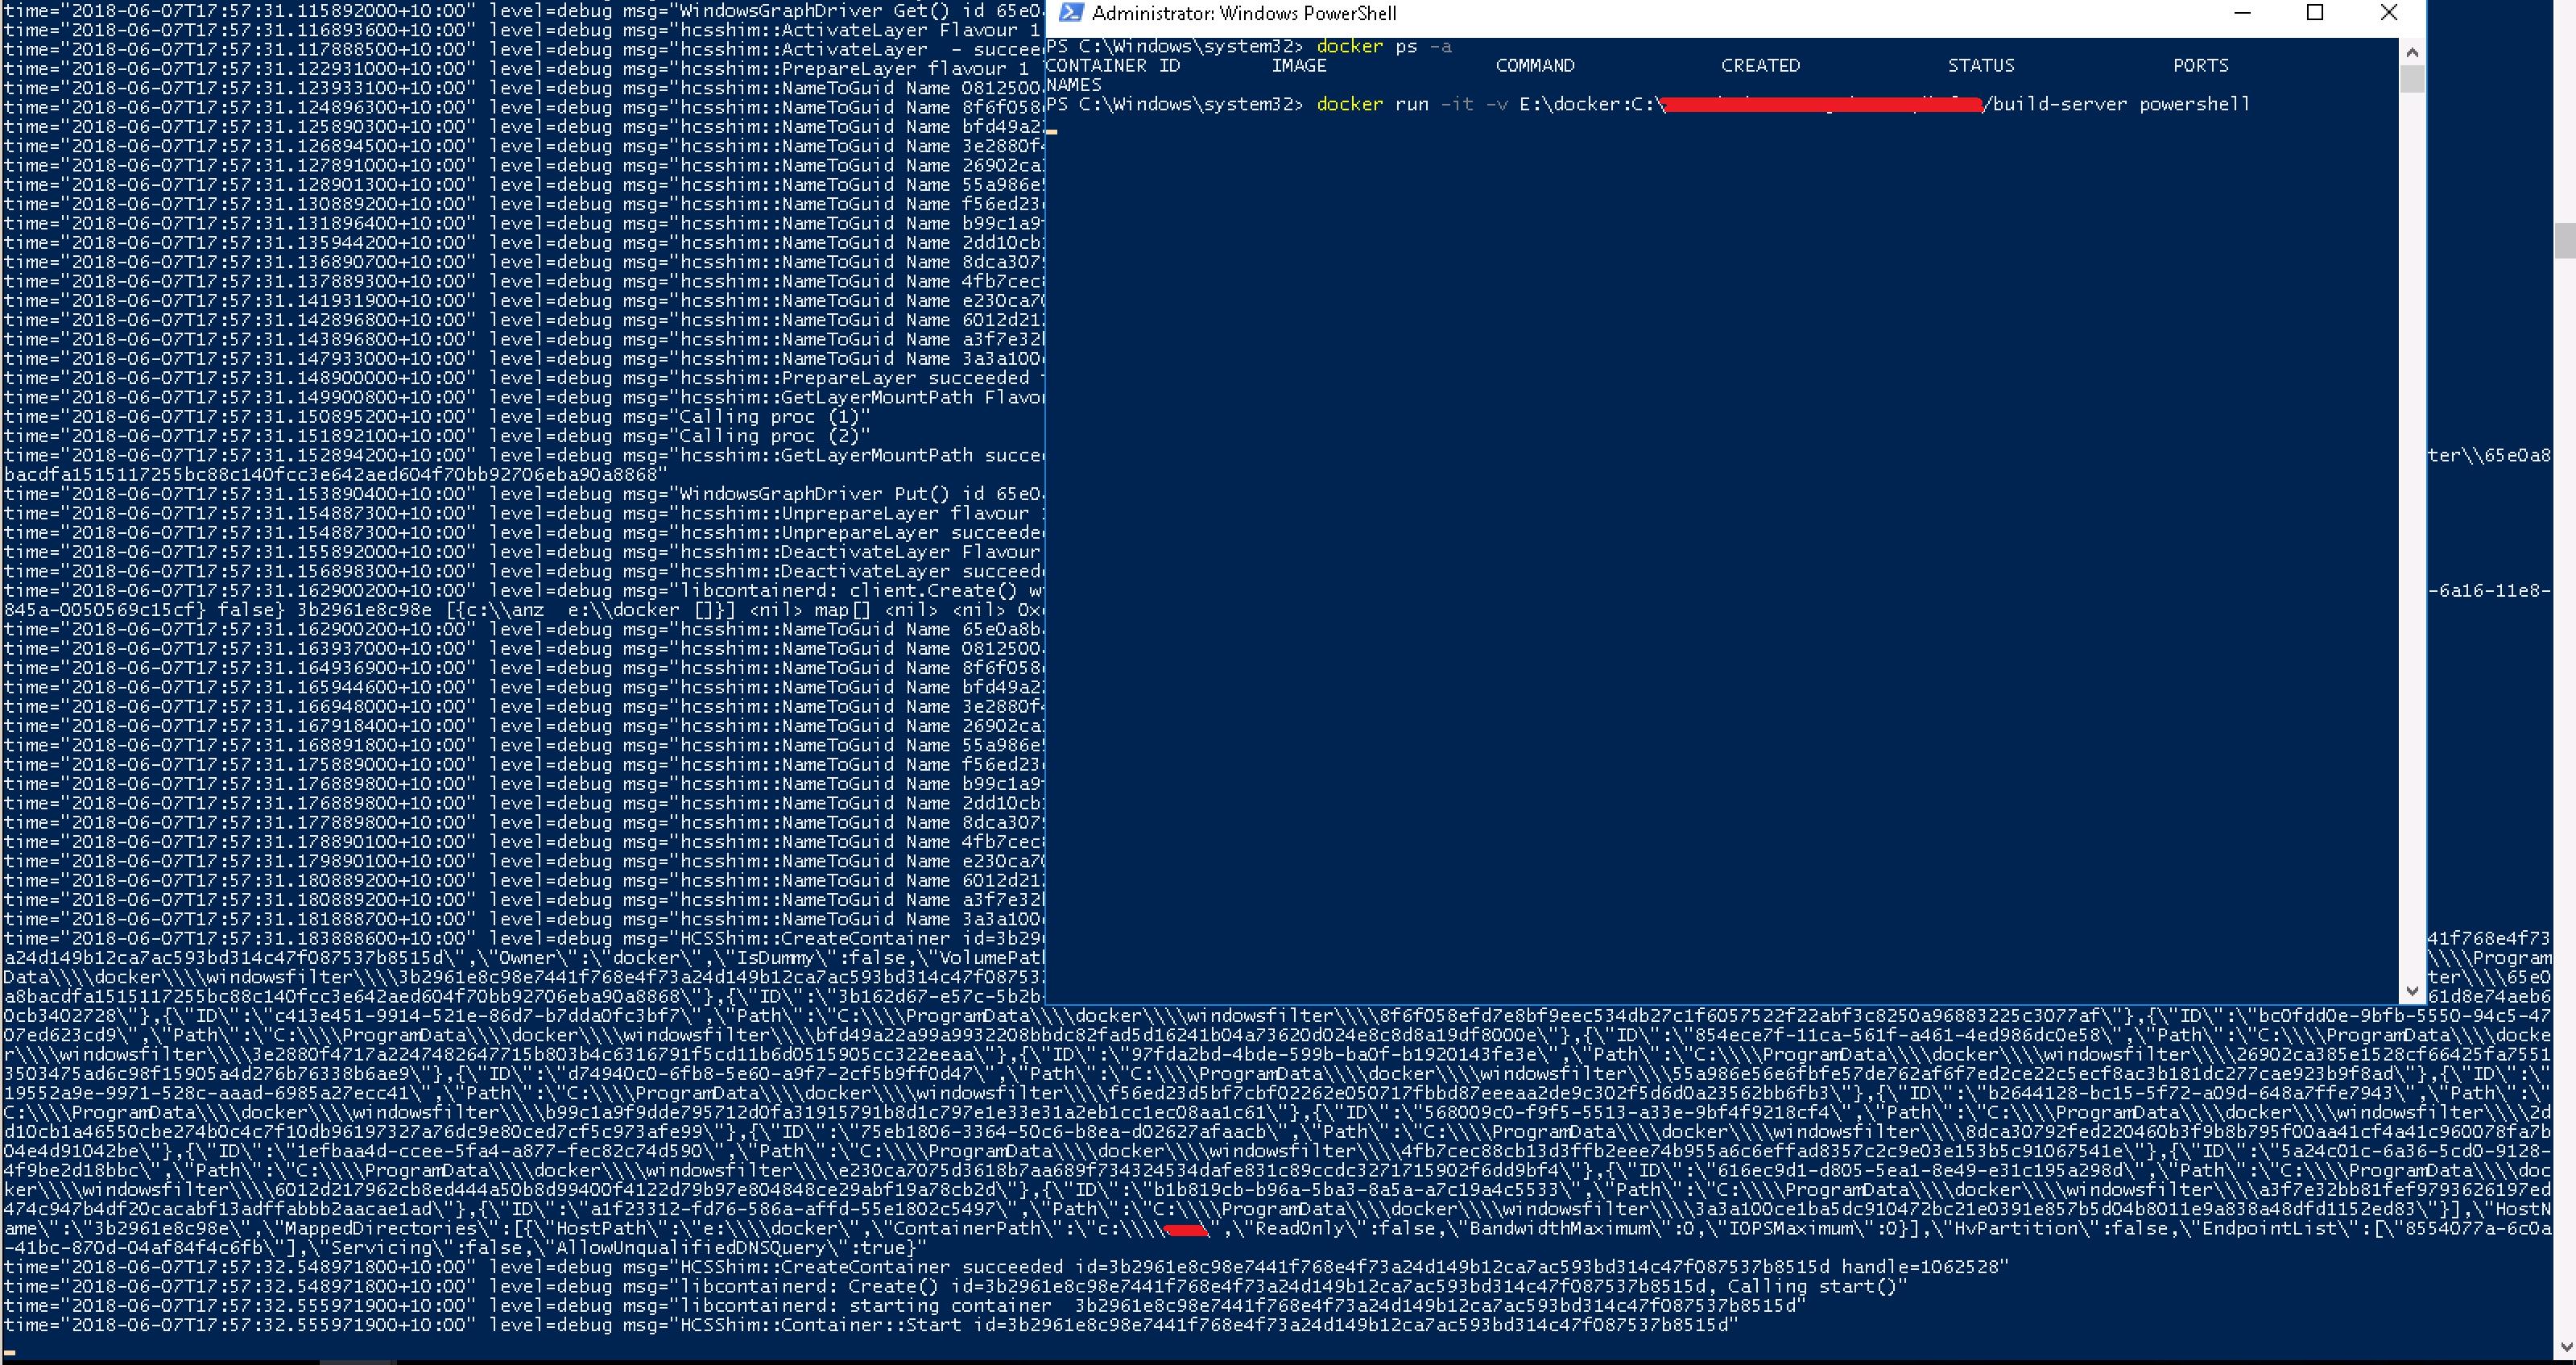 Windows: docker pull microsoft/nanoserver failed to register